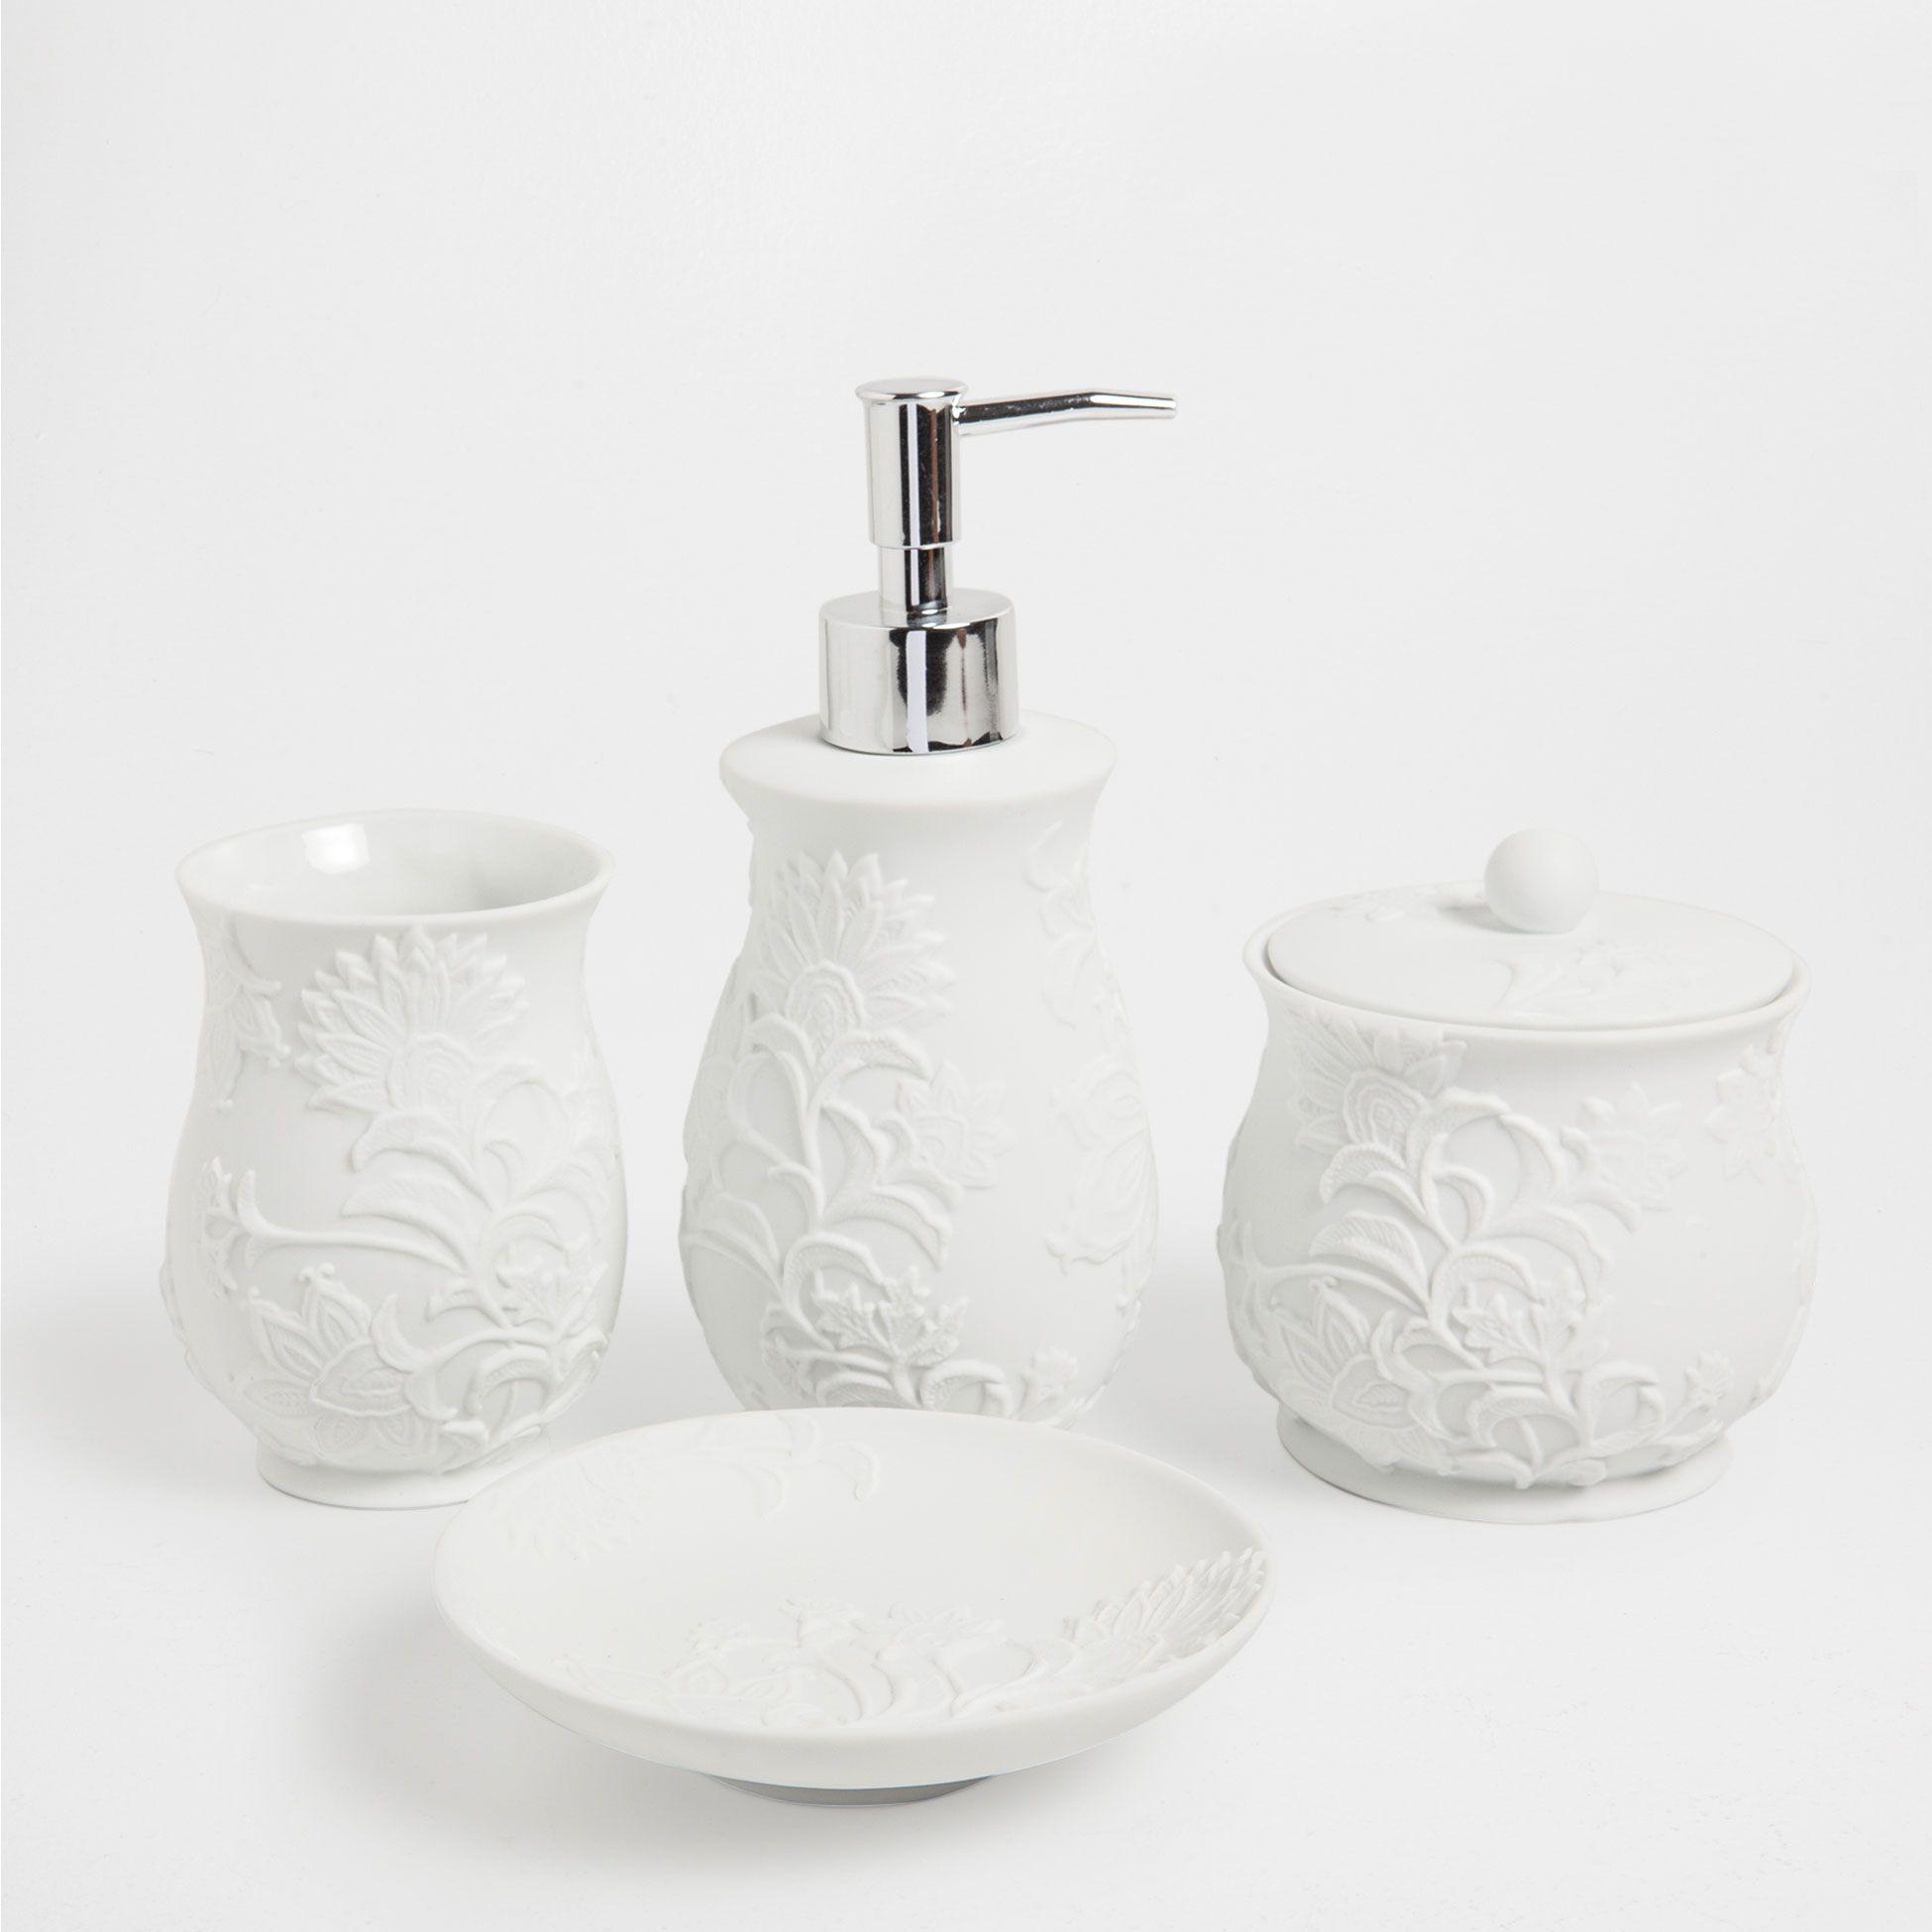 Accesorios de ba o cer mica blanca accesorios ba o for Accesorios de bano de ceramica